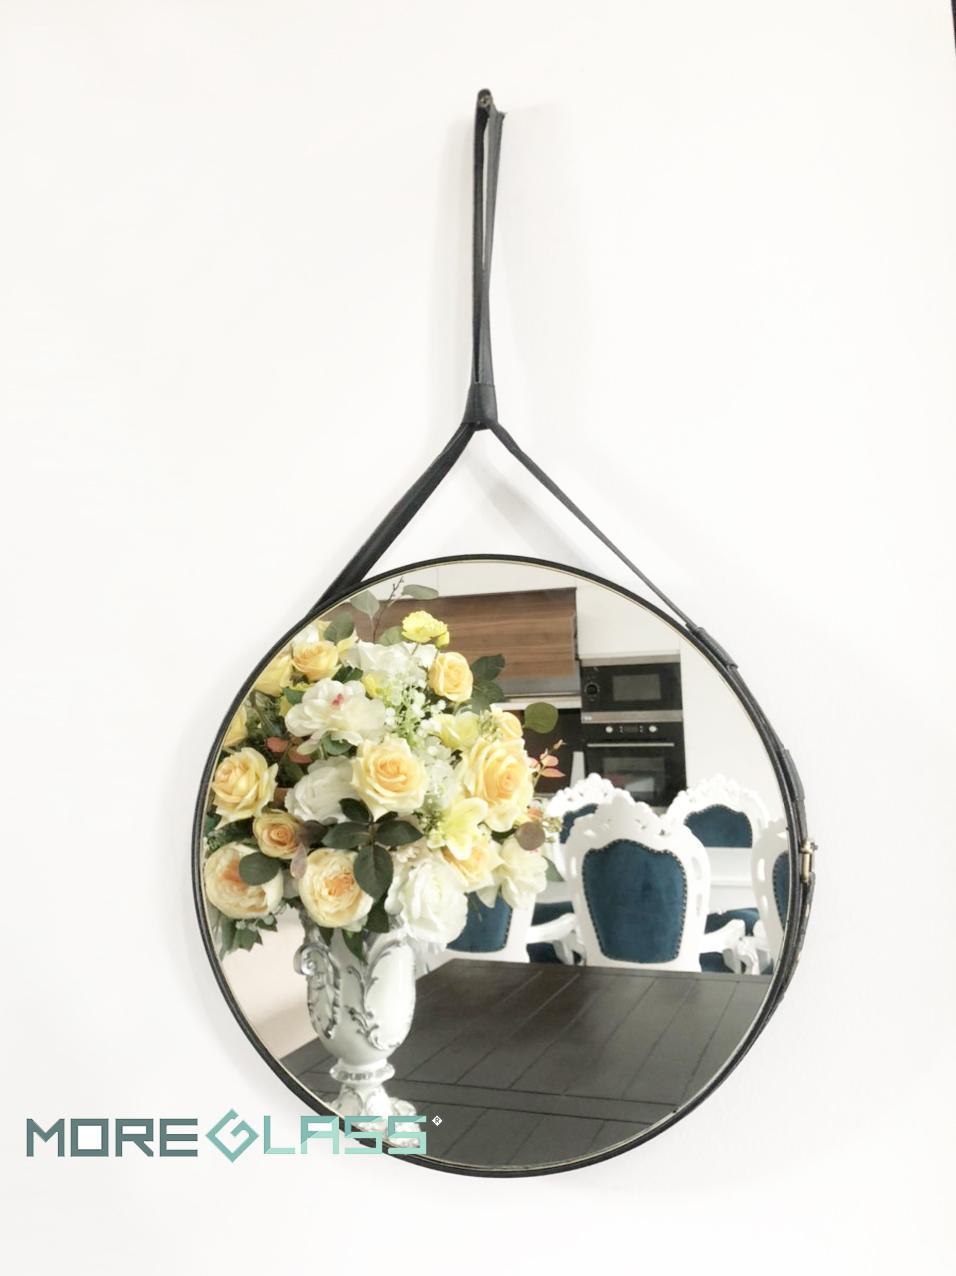 Gương tròn treo tường dây da màu đen - Gương trang trí treo tường phòng khách - Gương trang điểm treo tường [Ảnh thật]